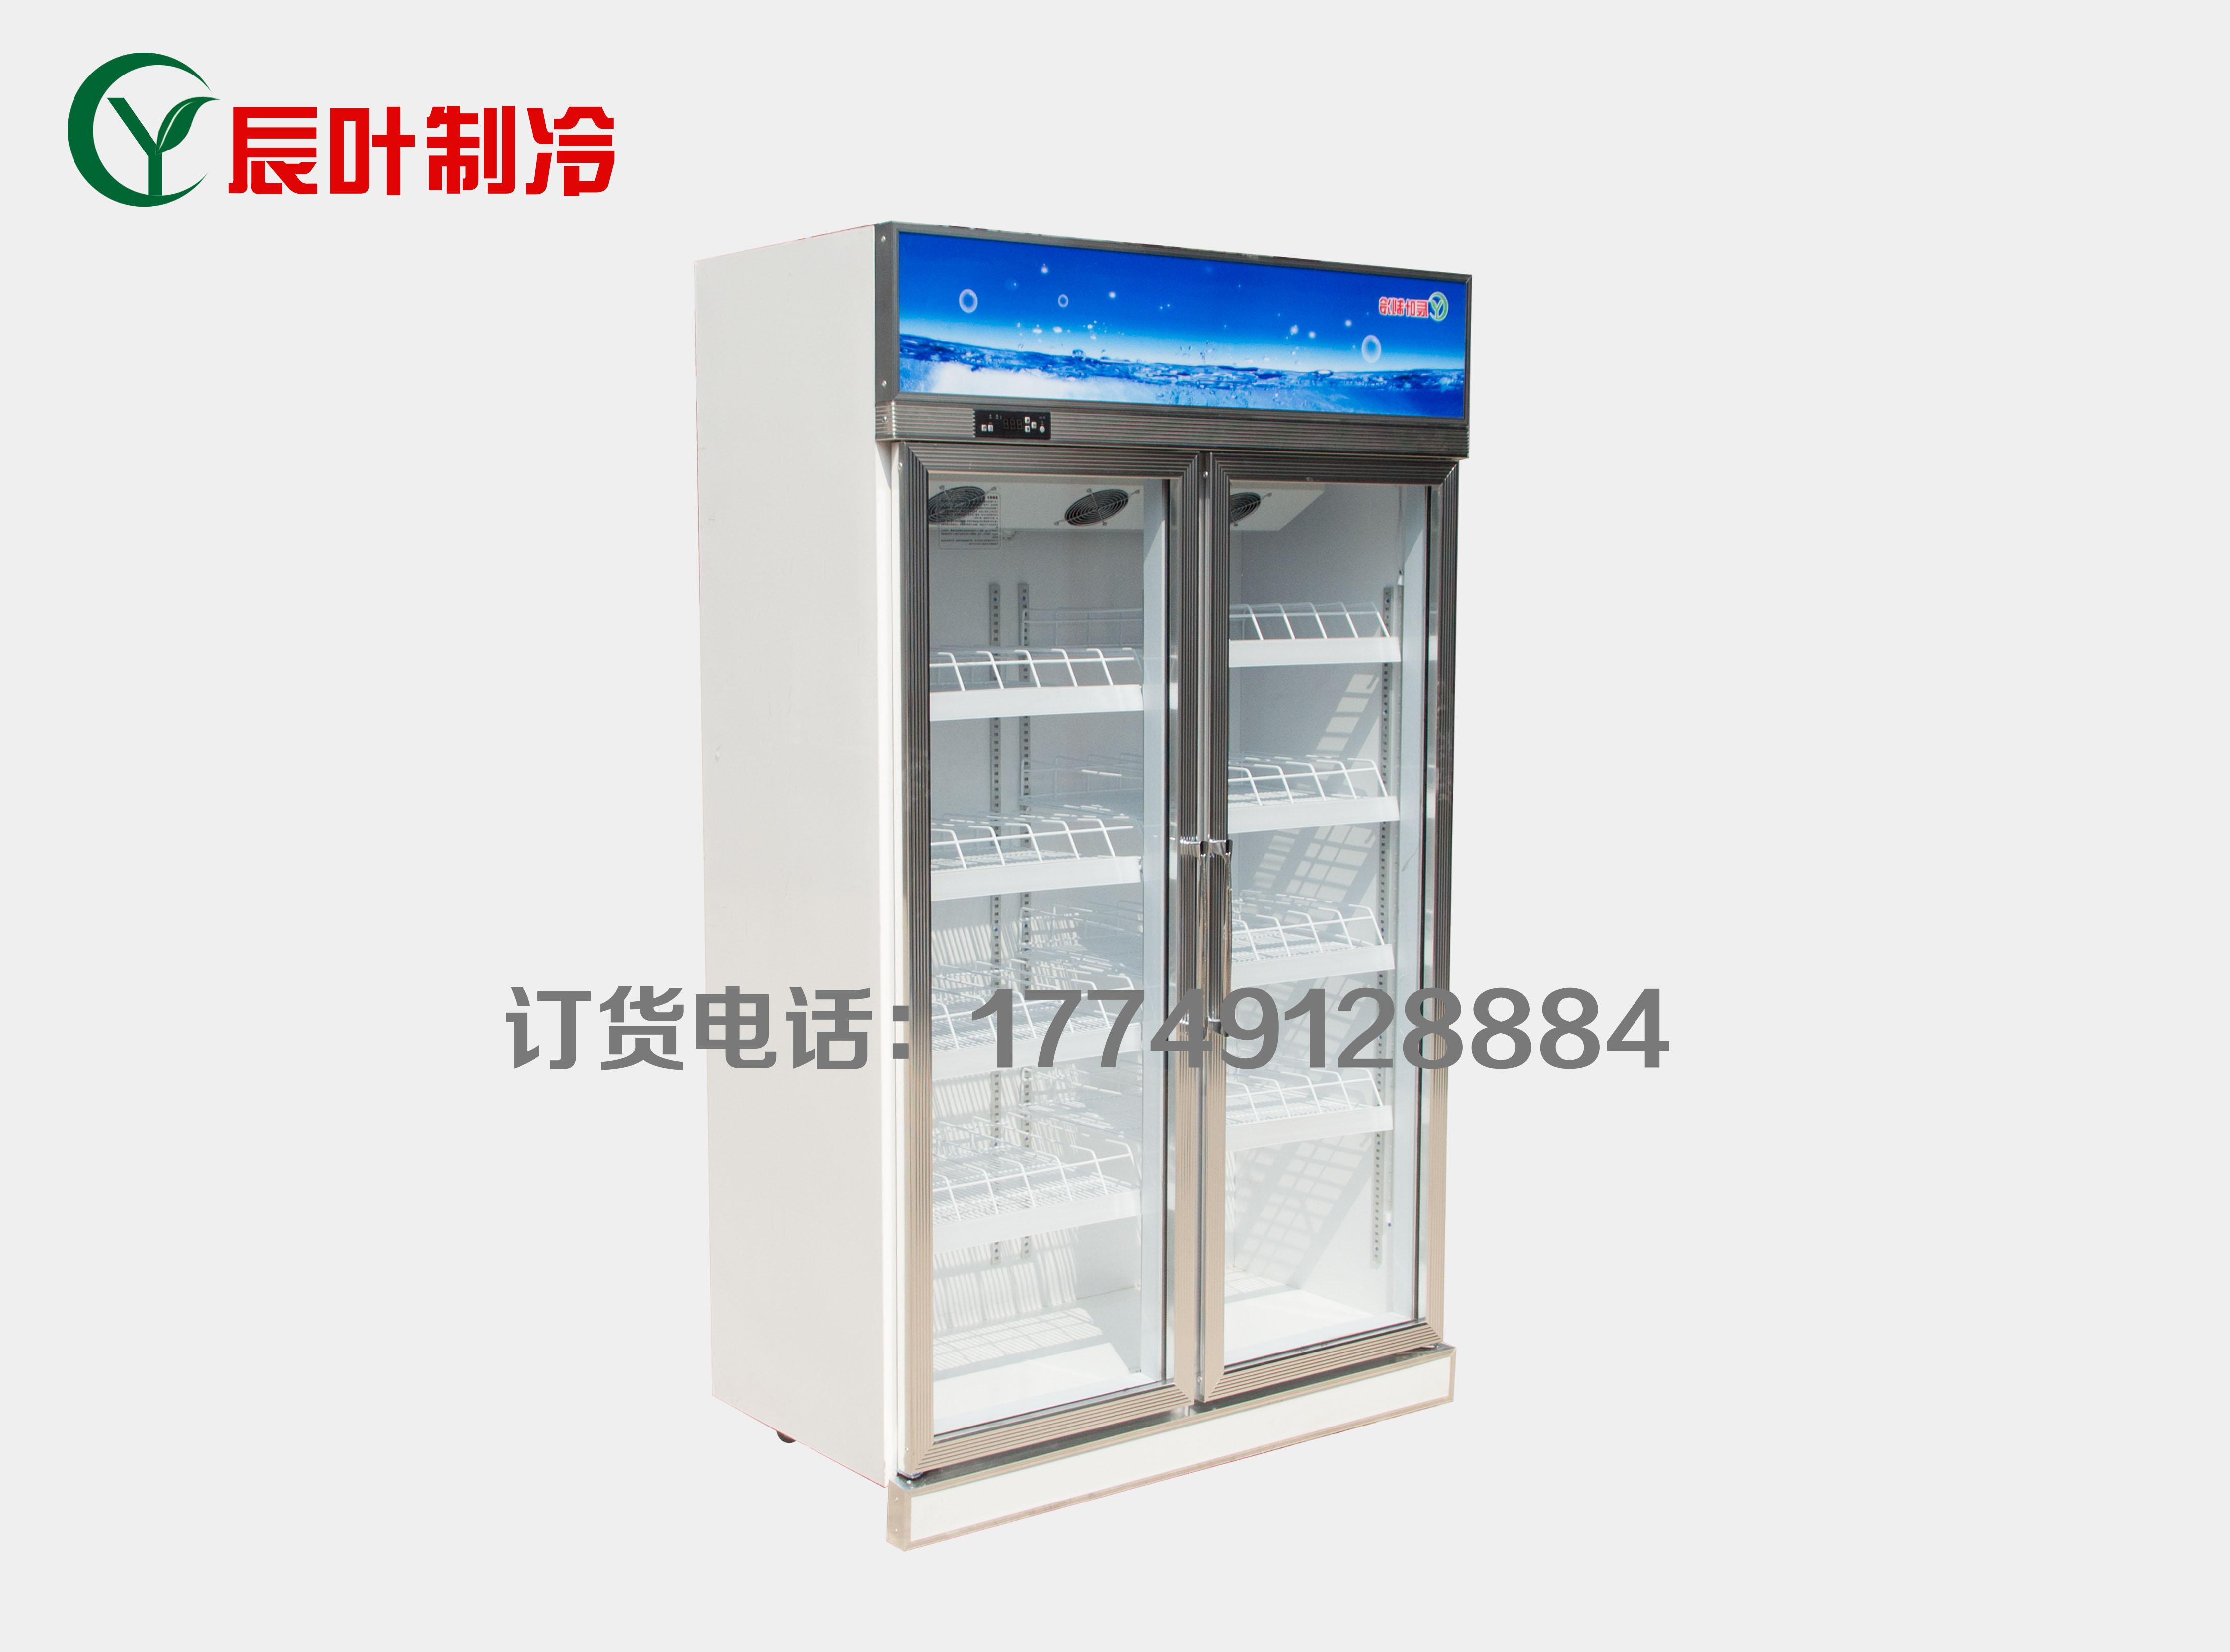 便利店柜BLCF-1200